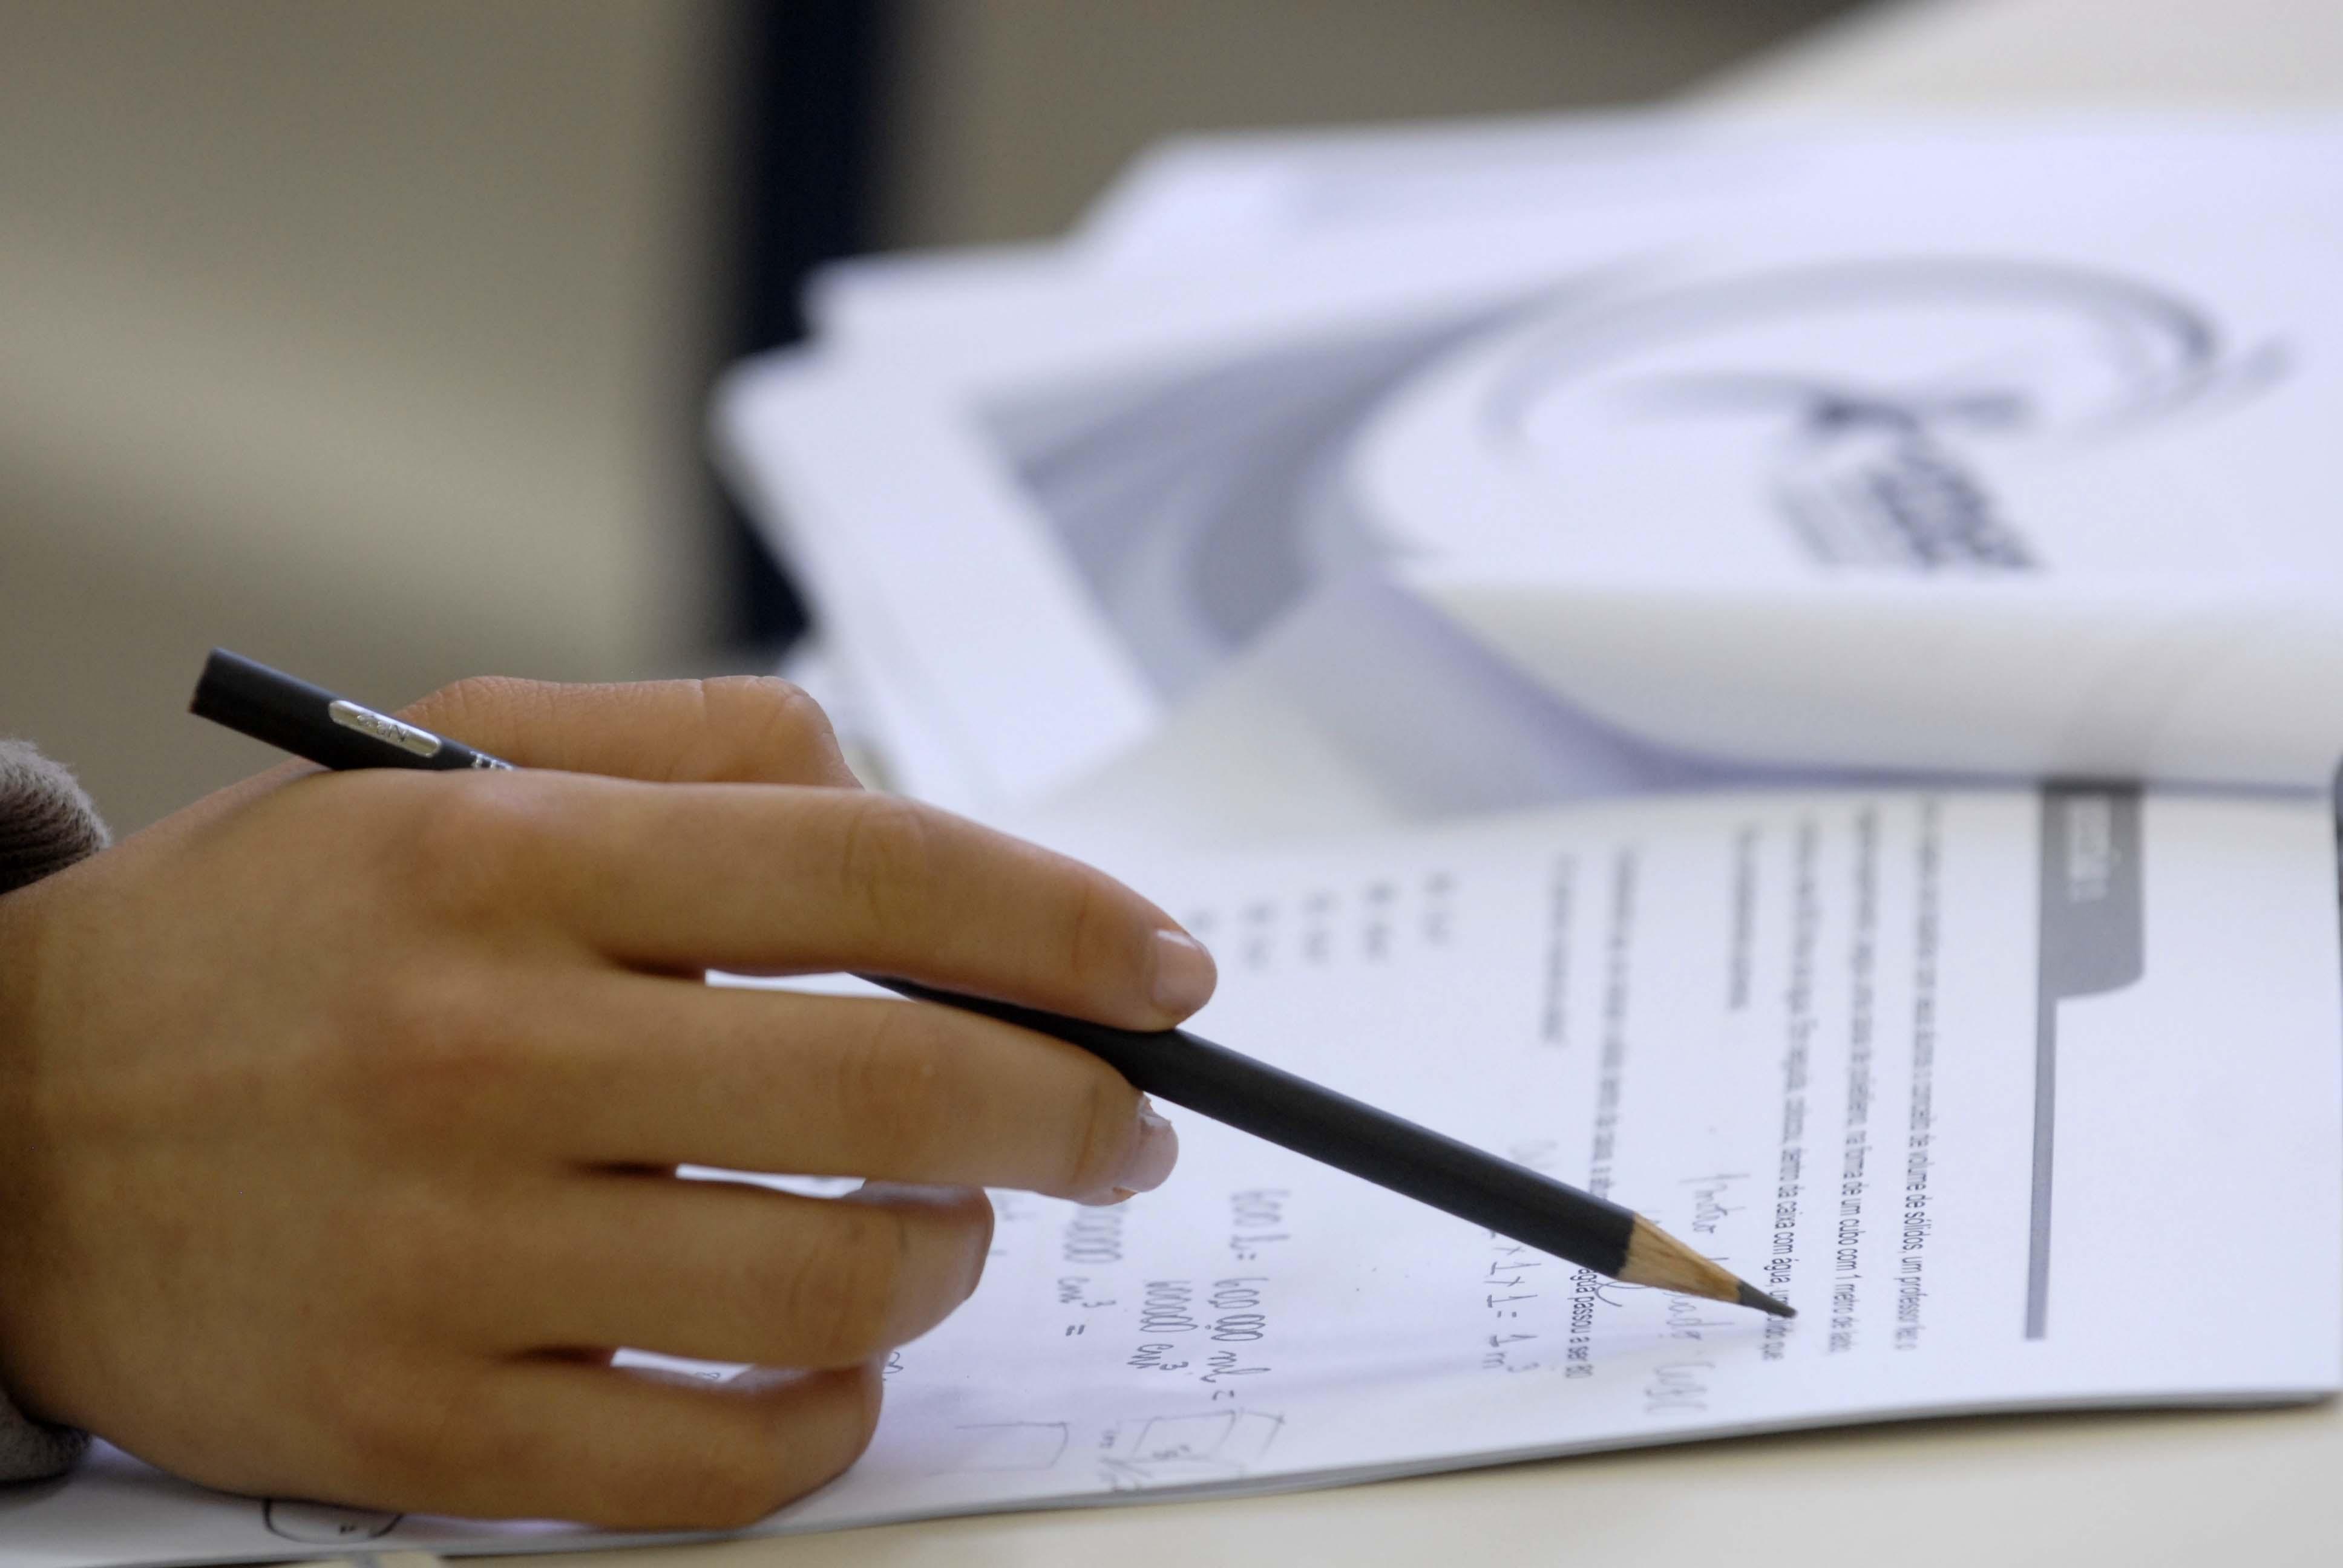 O exame acontece em novembro (FOTO: Divulgação)